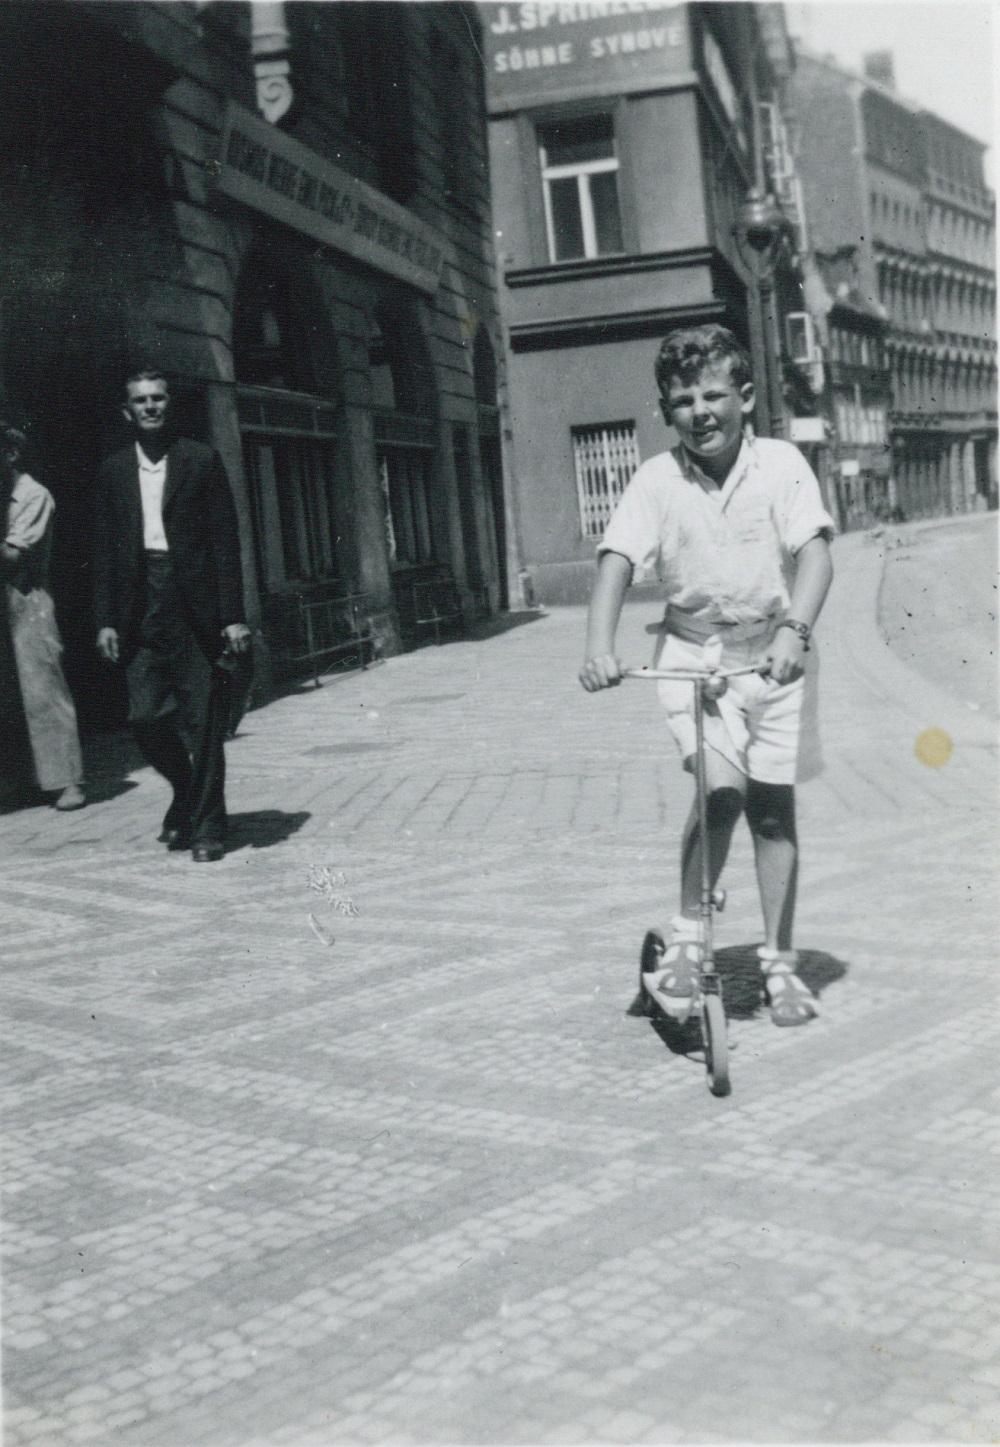 Karl Peter Federer 1941 Praha: Da Norge også ble okkupert av Tyskland, anså Karl Peter Federers foreldre at det var like utrygt som hjemlandet Tsjekkoslovakia og kalte han hjem. Foto fra Praha i 1941 i arkivet etter Karl Peter og Victor Federer, HL-senteret